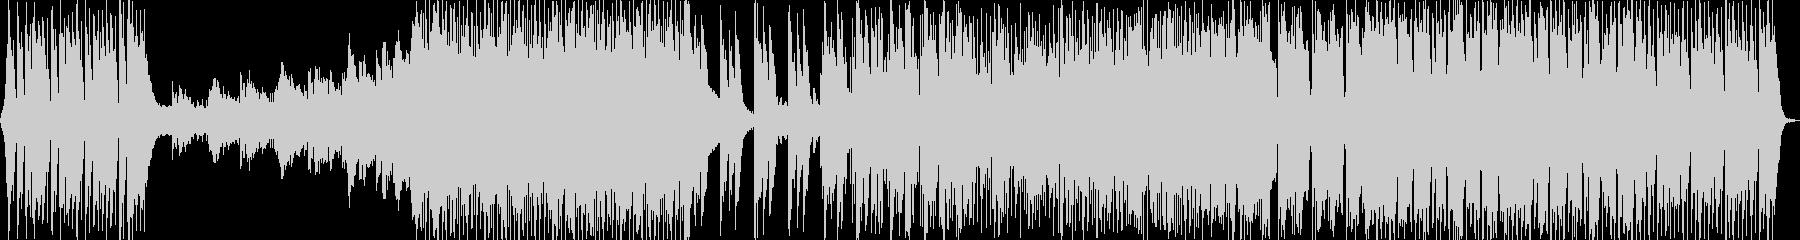 様々な展開のある疾走感のエレクトロ楽曲の未再生の波形